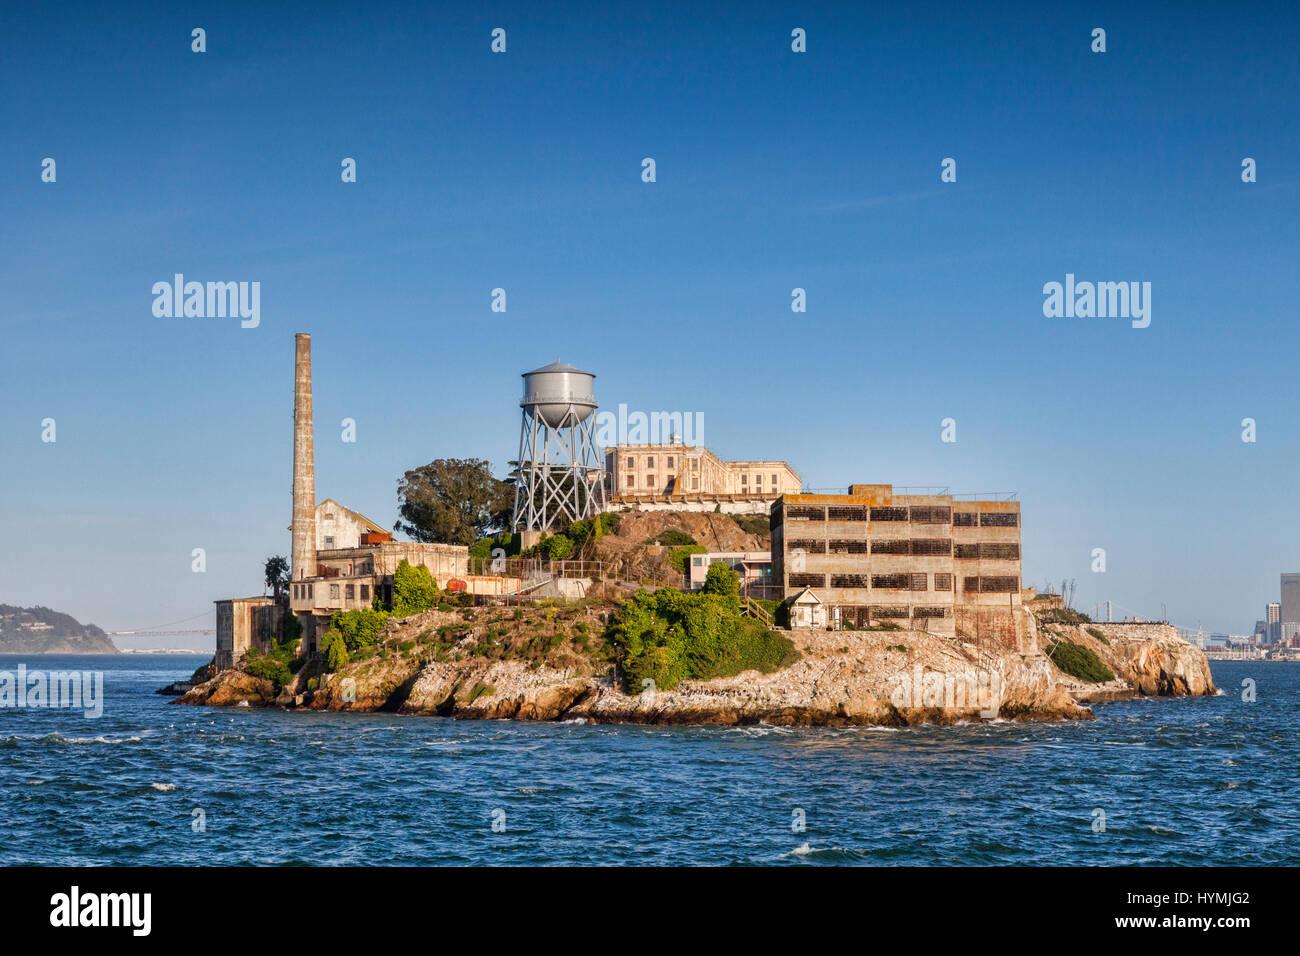 La Isla de Alcatraz, en la Bahía de San Francisco, la famosa cárcel de alta seguridad que ahora es un parque nacional Foto de stock